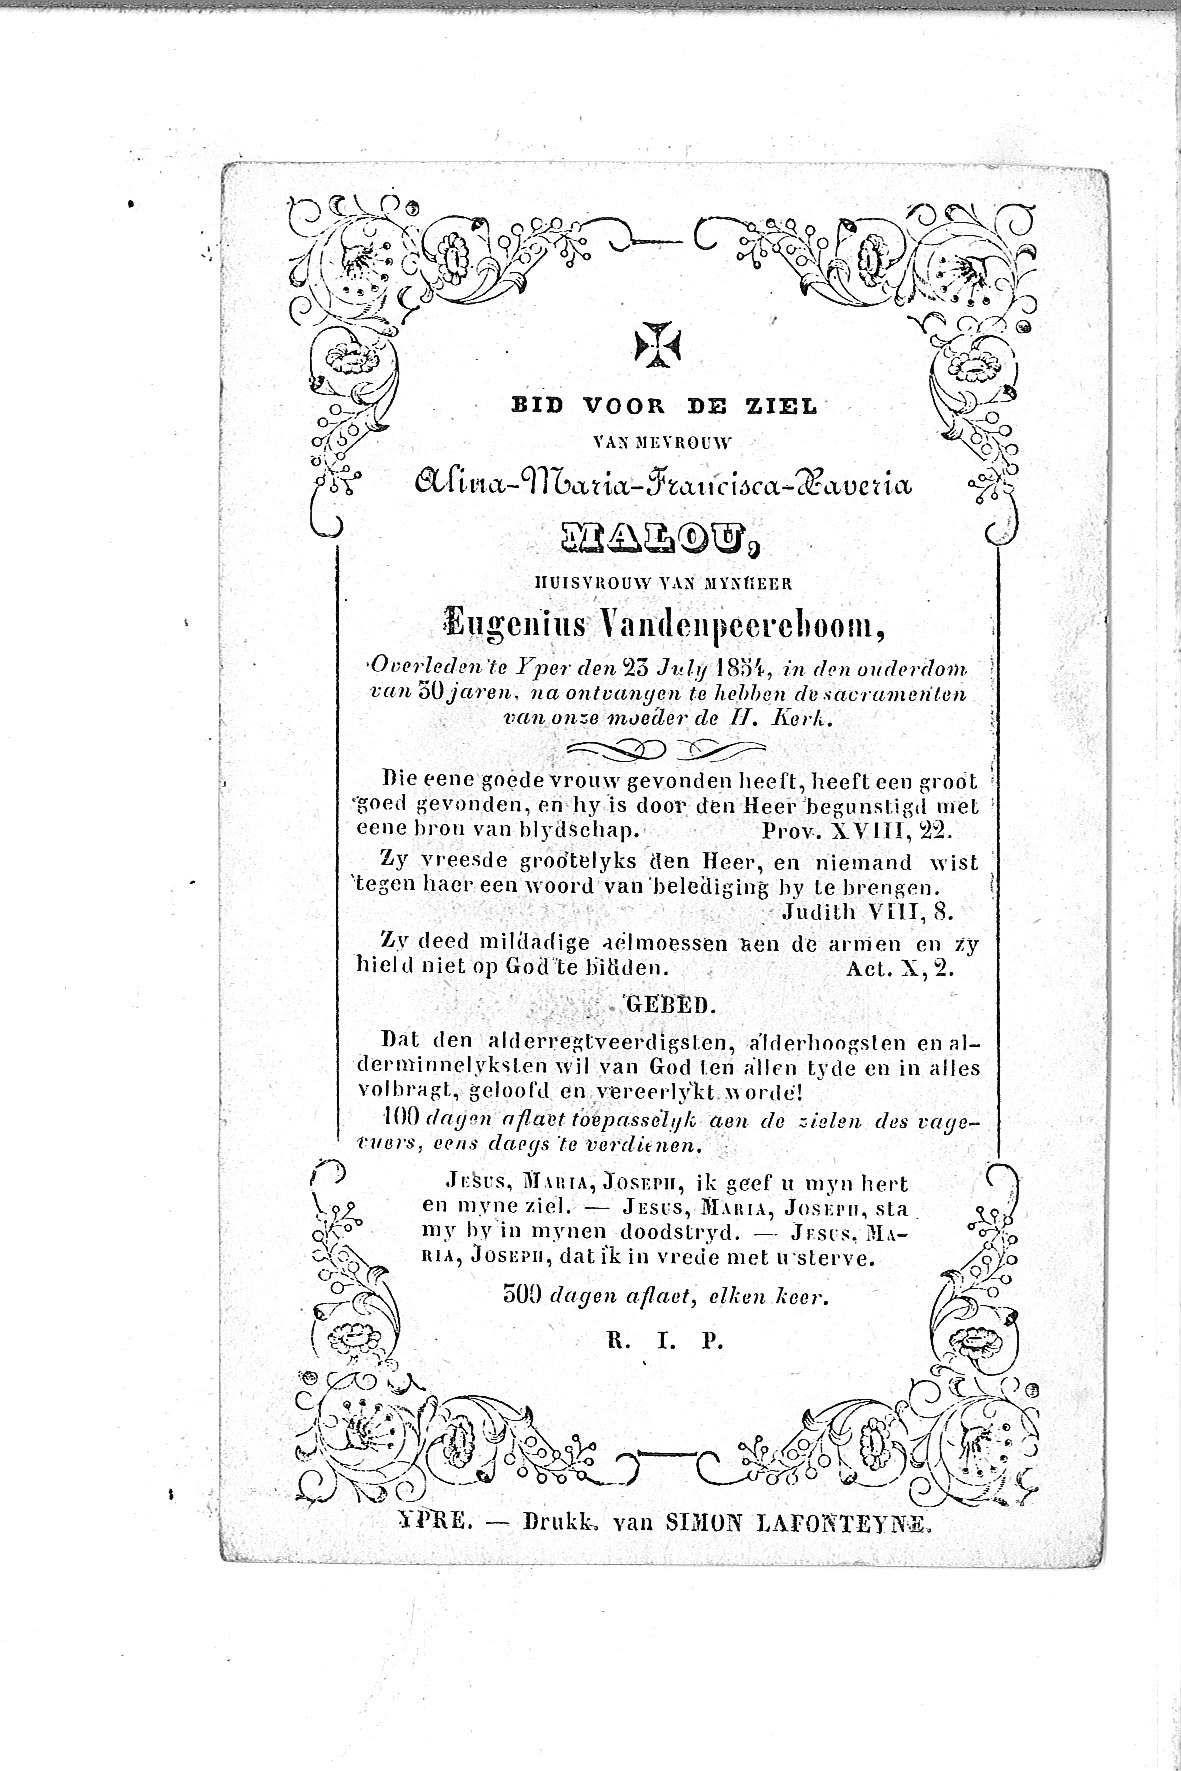 Alina-Maria-Francisca-Xaveria-(1854)-20121008124128_00060.jpg